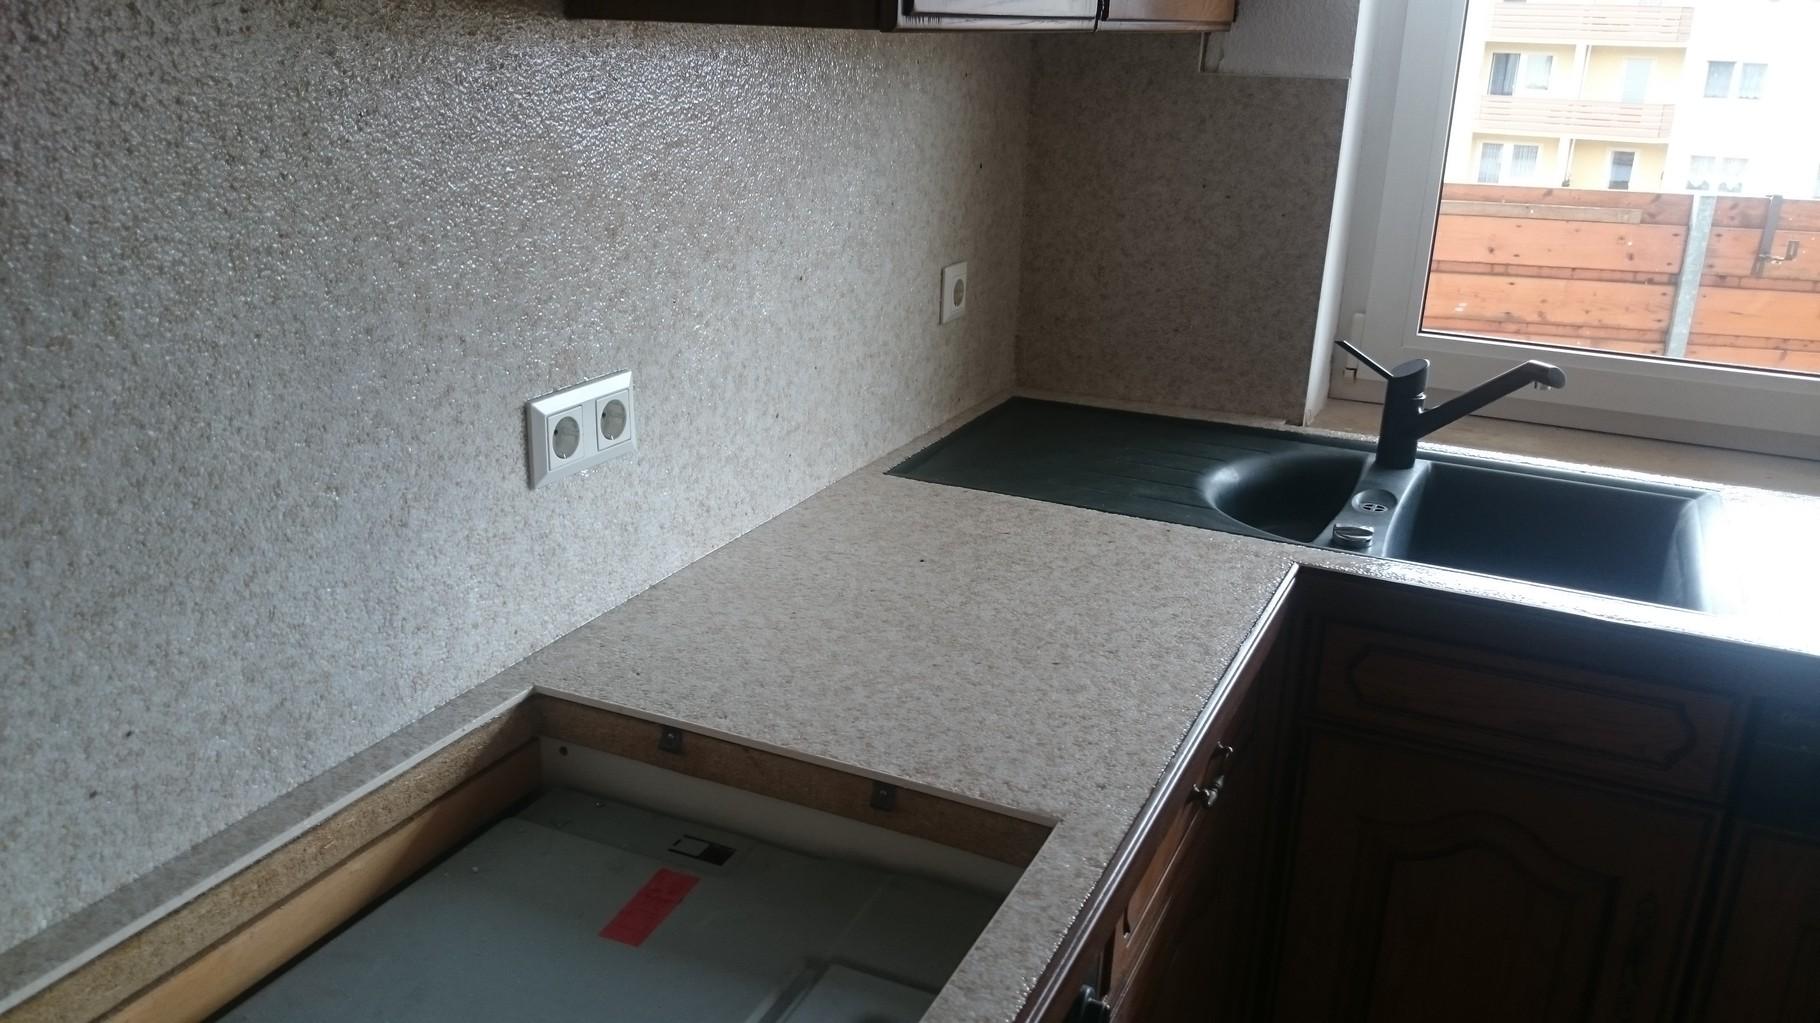 küche sockelleiste clip entfernen  